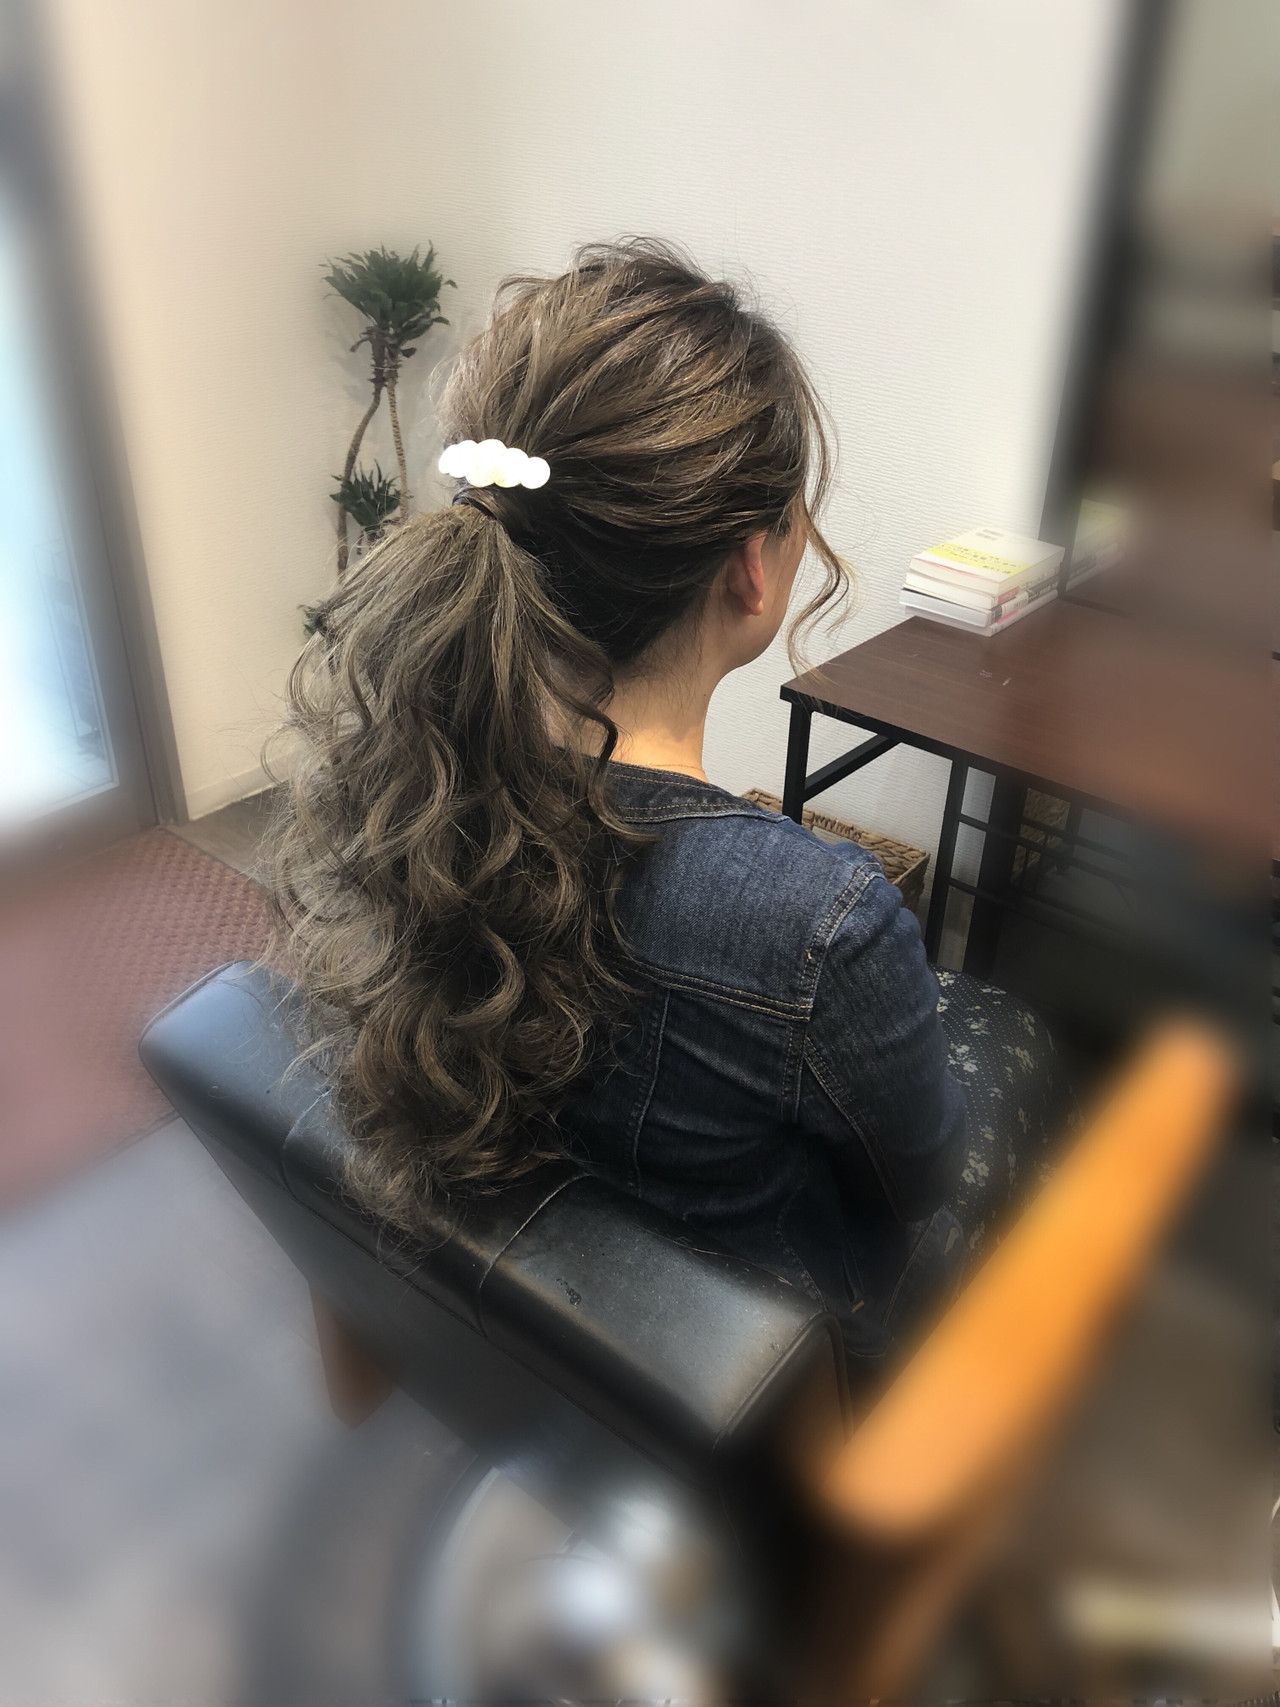 ポニーテール アップスタイル ヘアアレンジ フェミニン ヘアスタイルや髪型の写真・画像